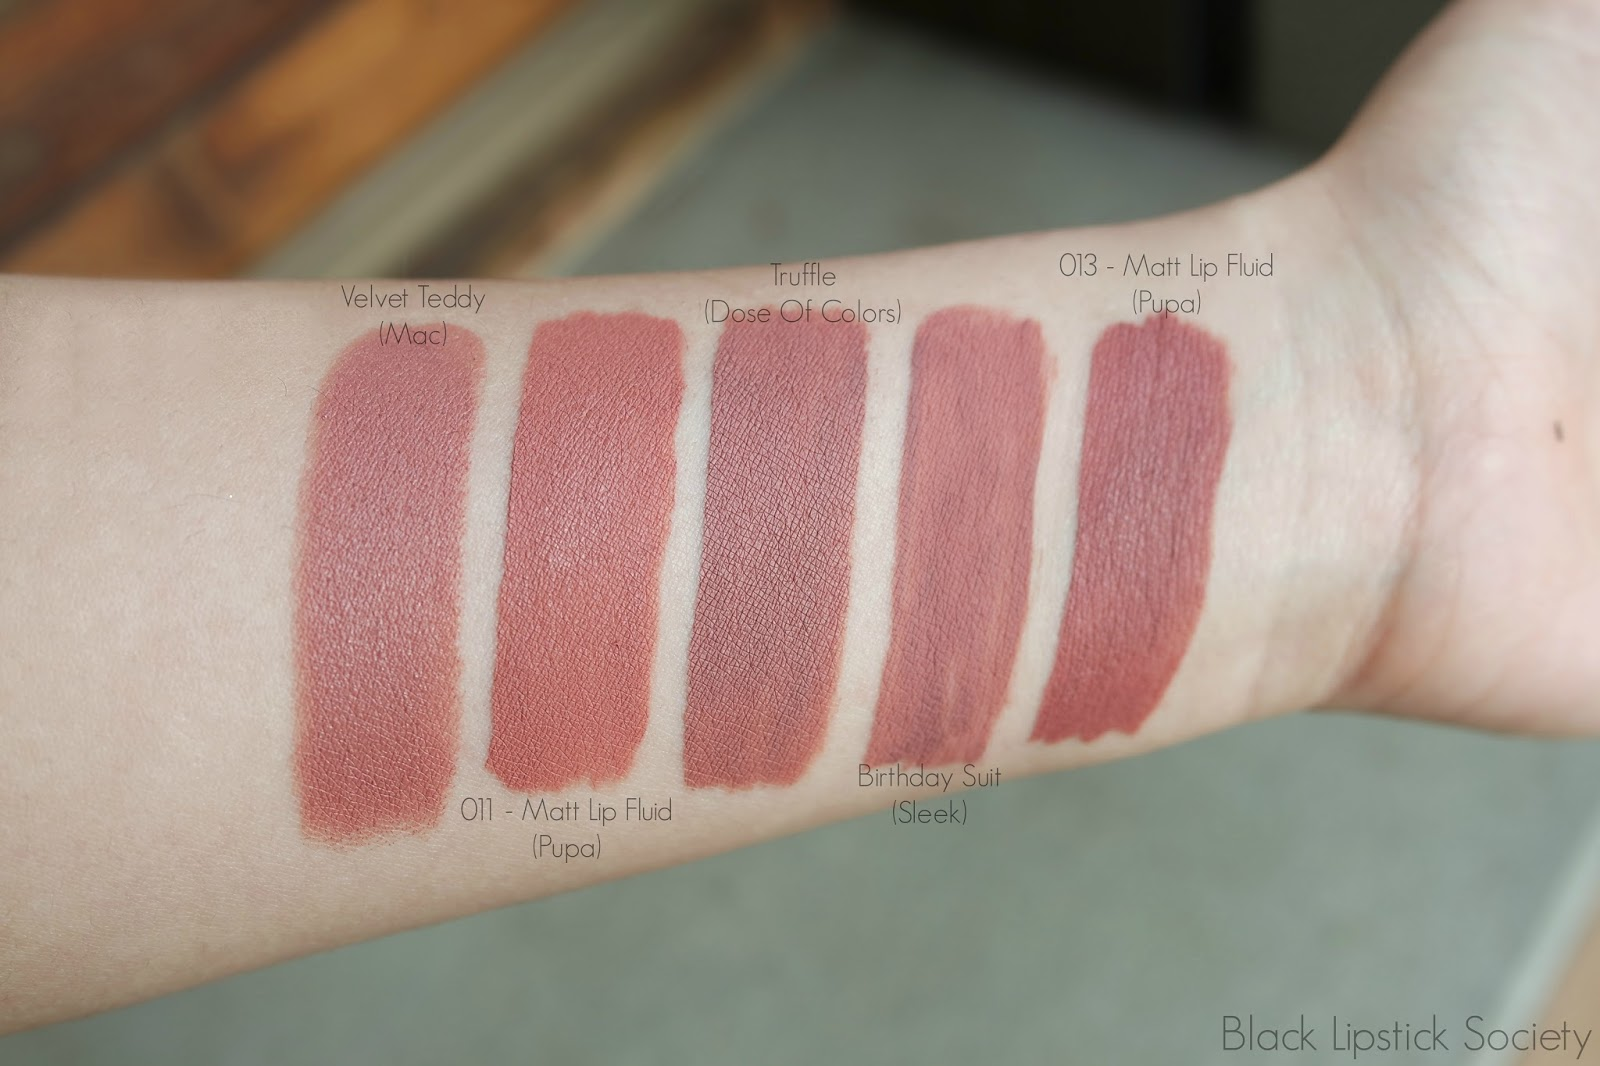 Popolare Black Lipstick Society: dicembre 2015 LZ32